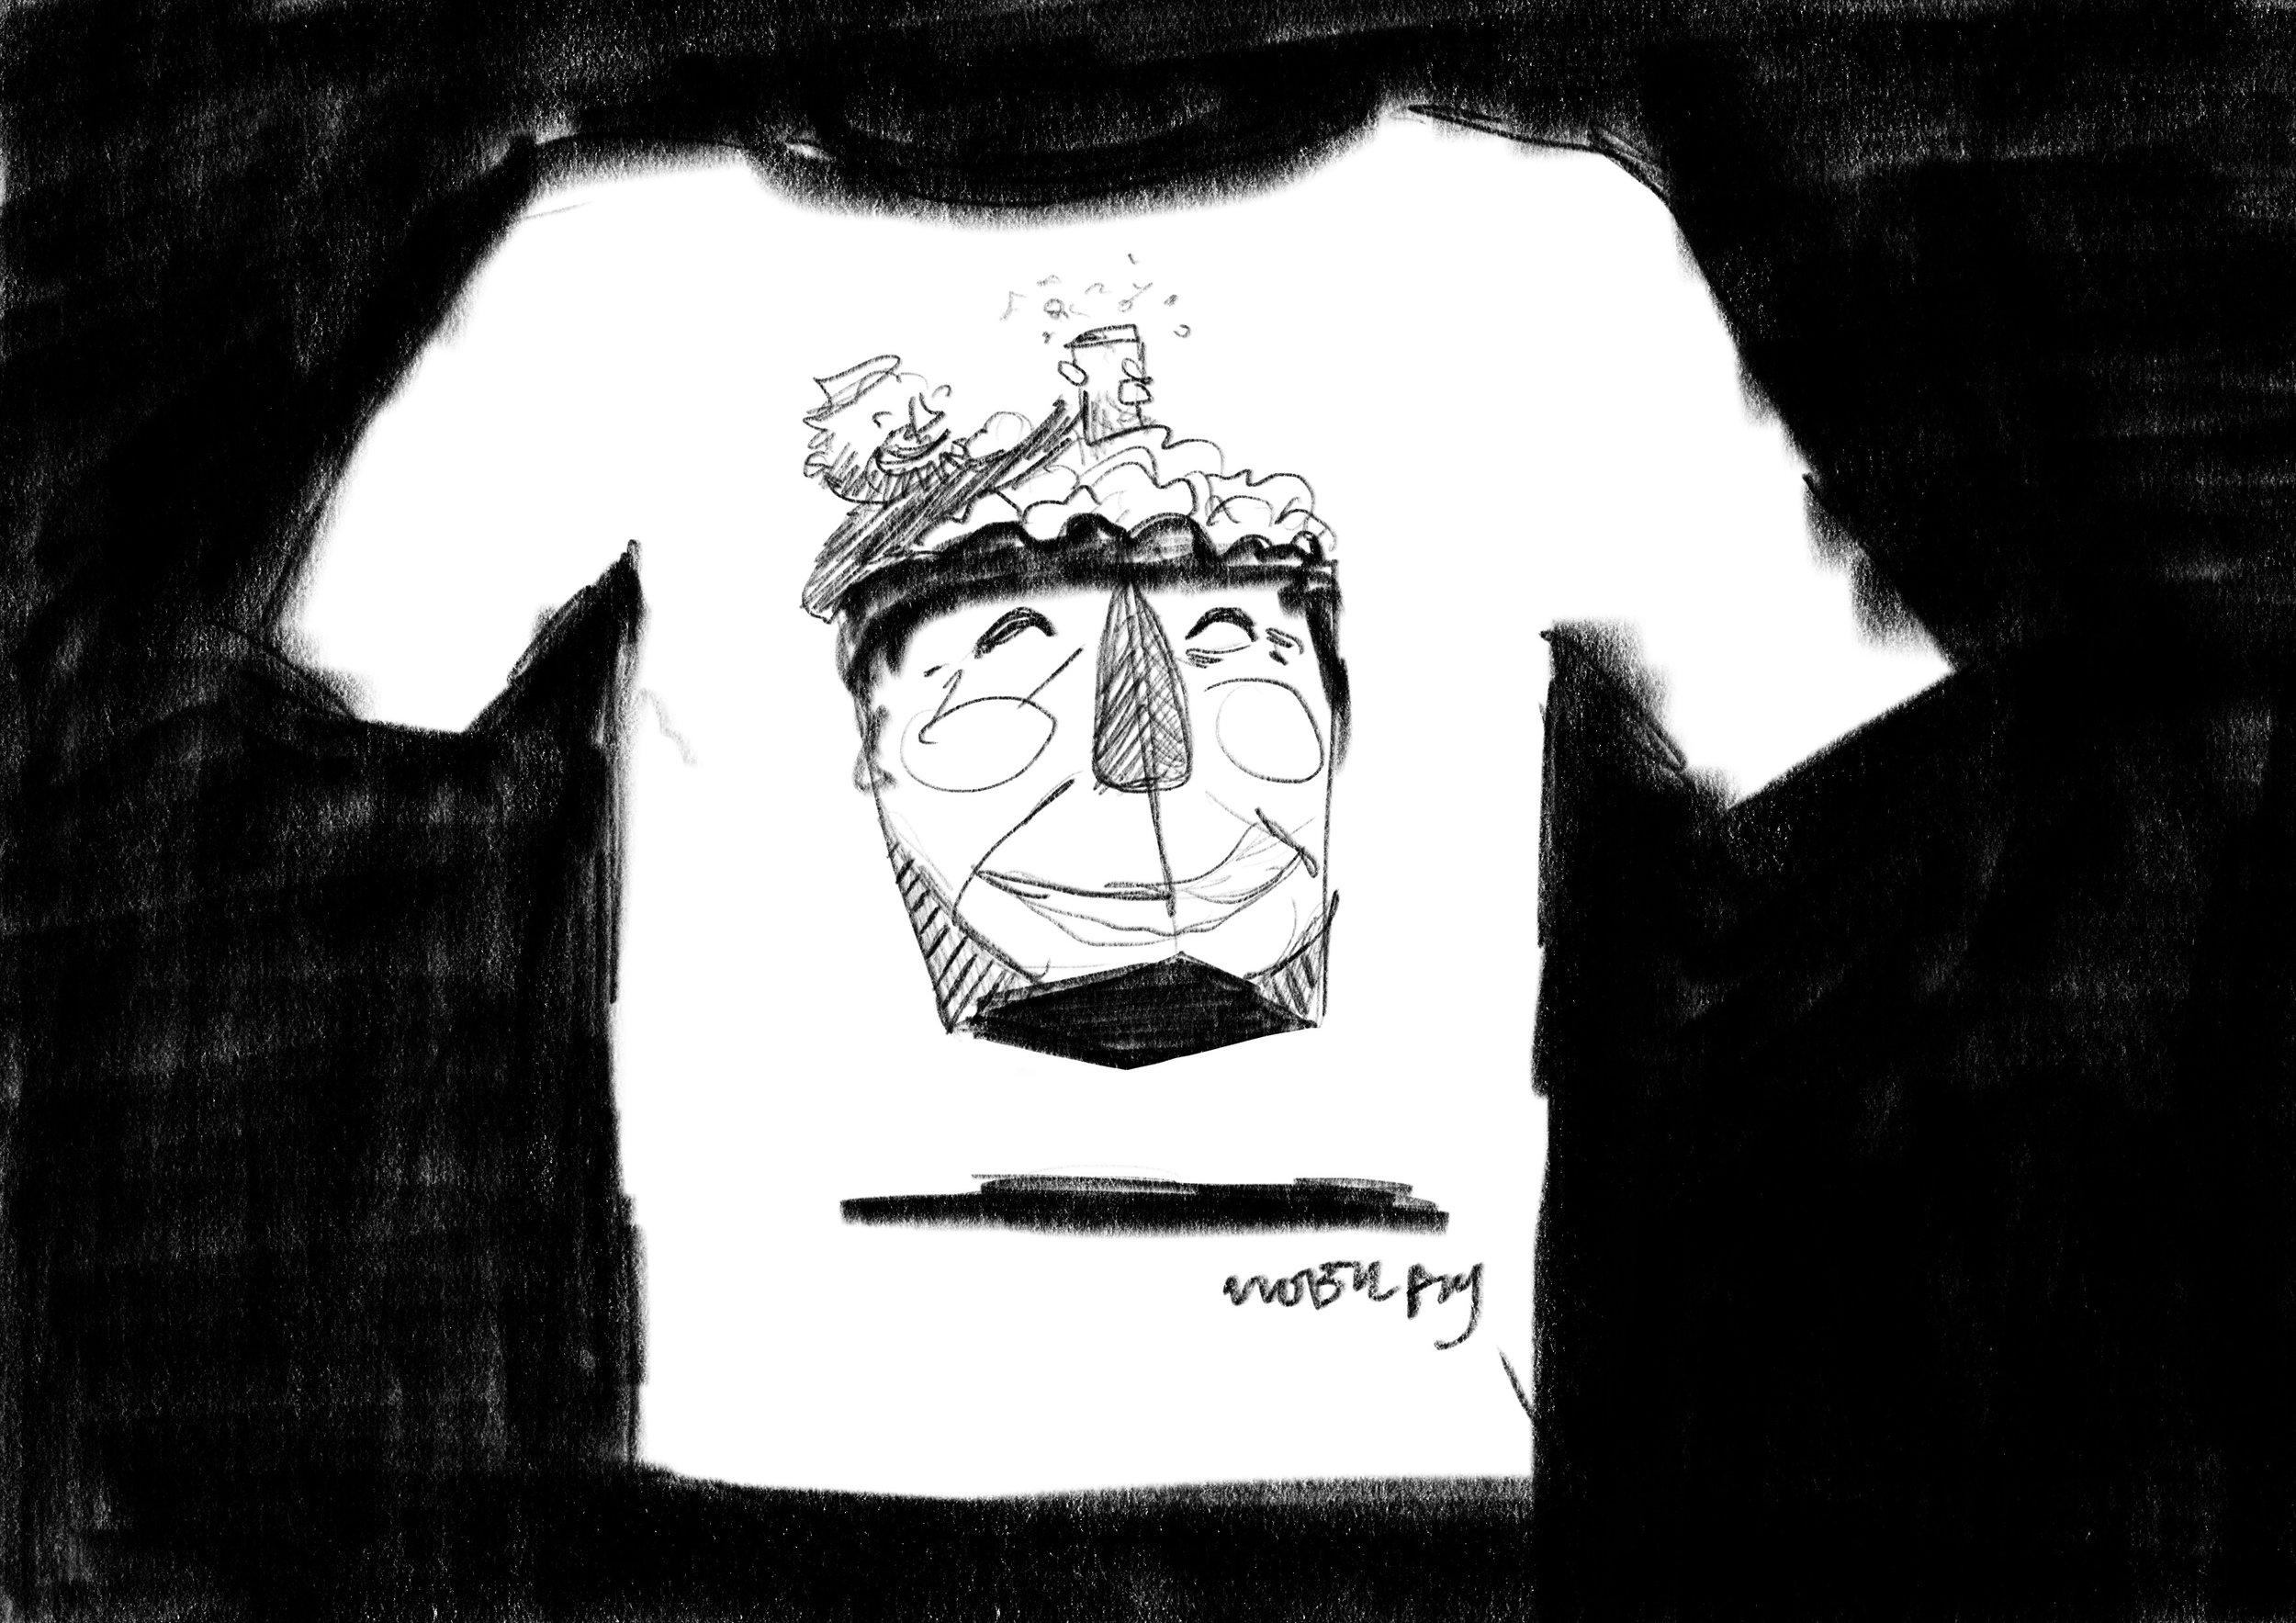 Meta t-shirt: Ronny spiser popcorn mens han sitter i PopcornRonnys popcornhjerne. Ble litt søkt..